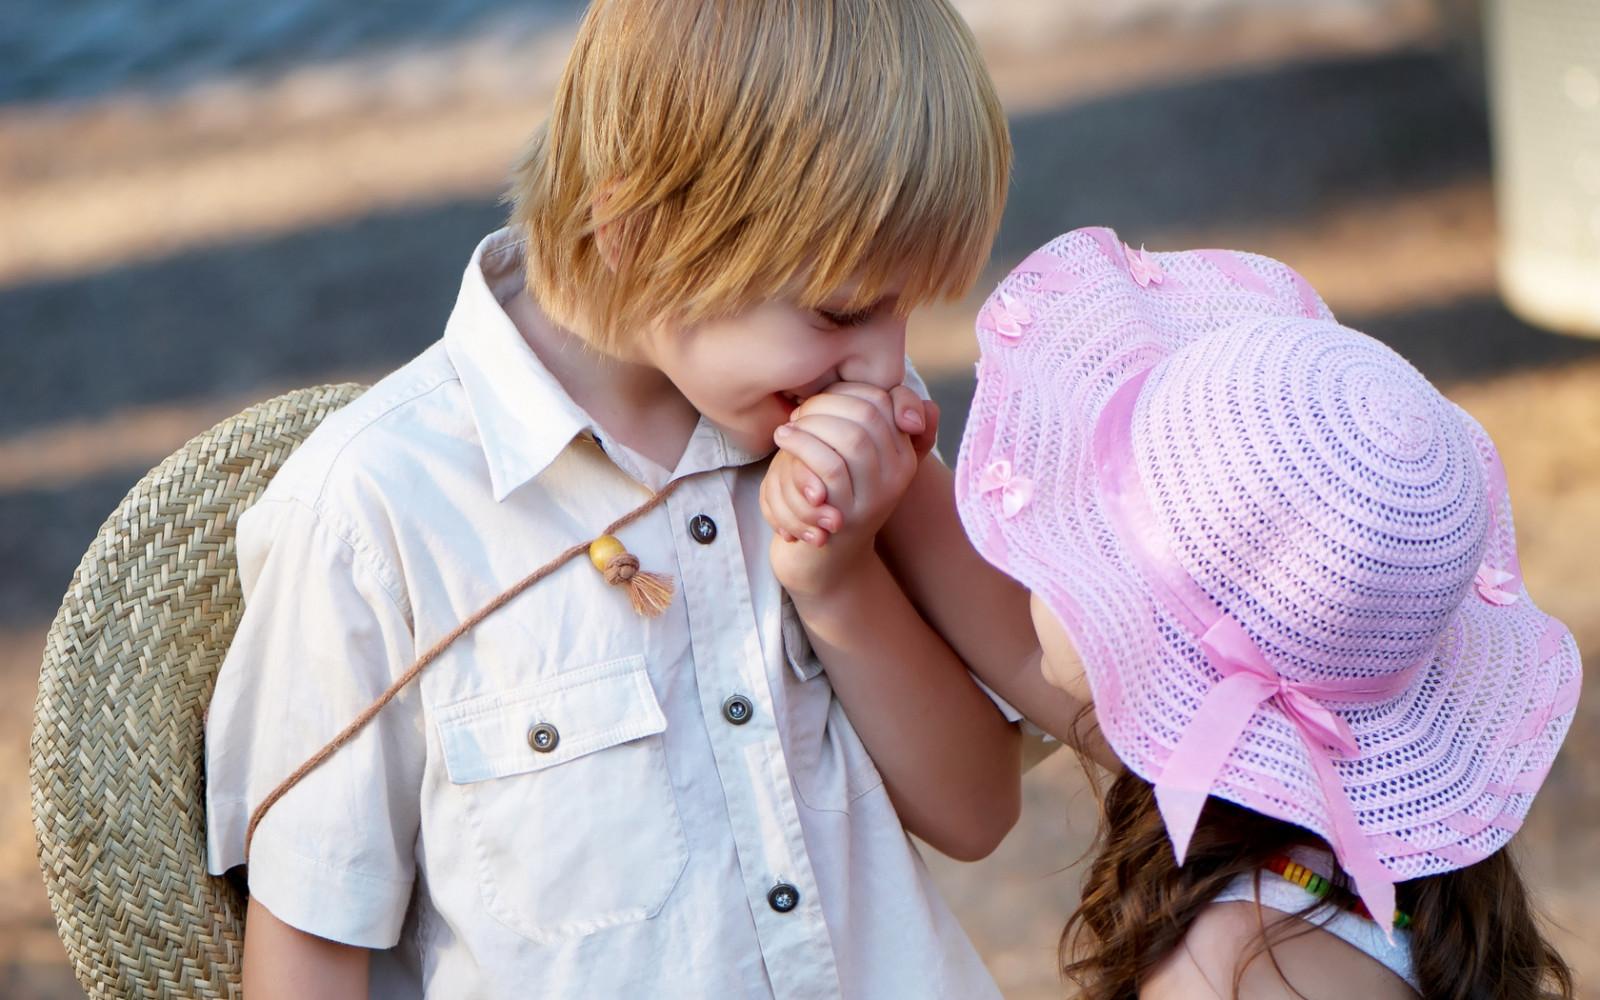 Удачной работы, красивые картинки с маленькими девочками и мальчиками